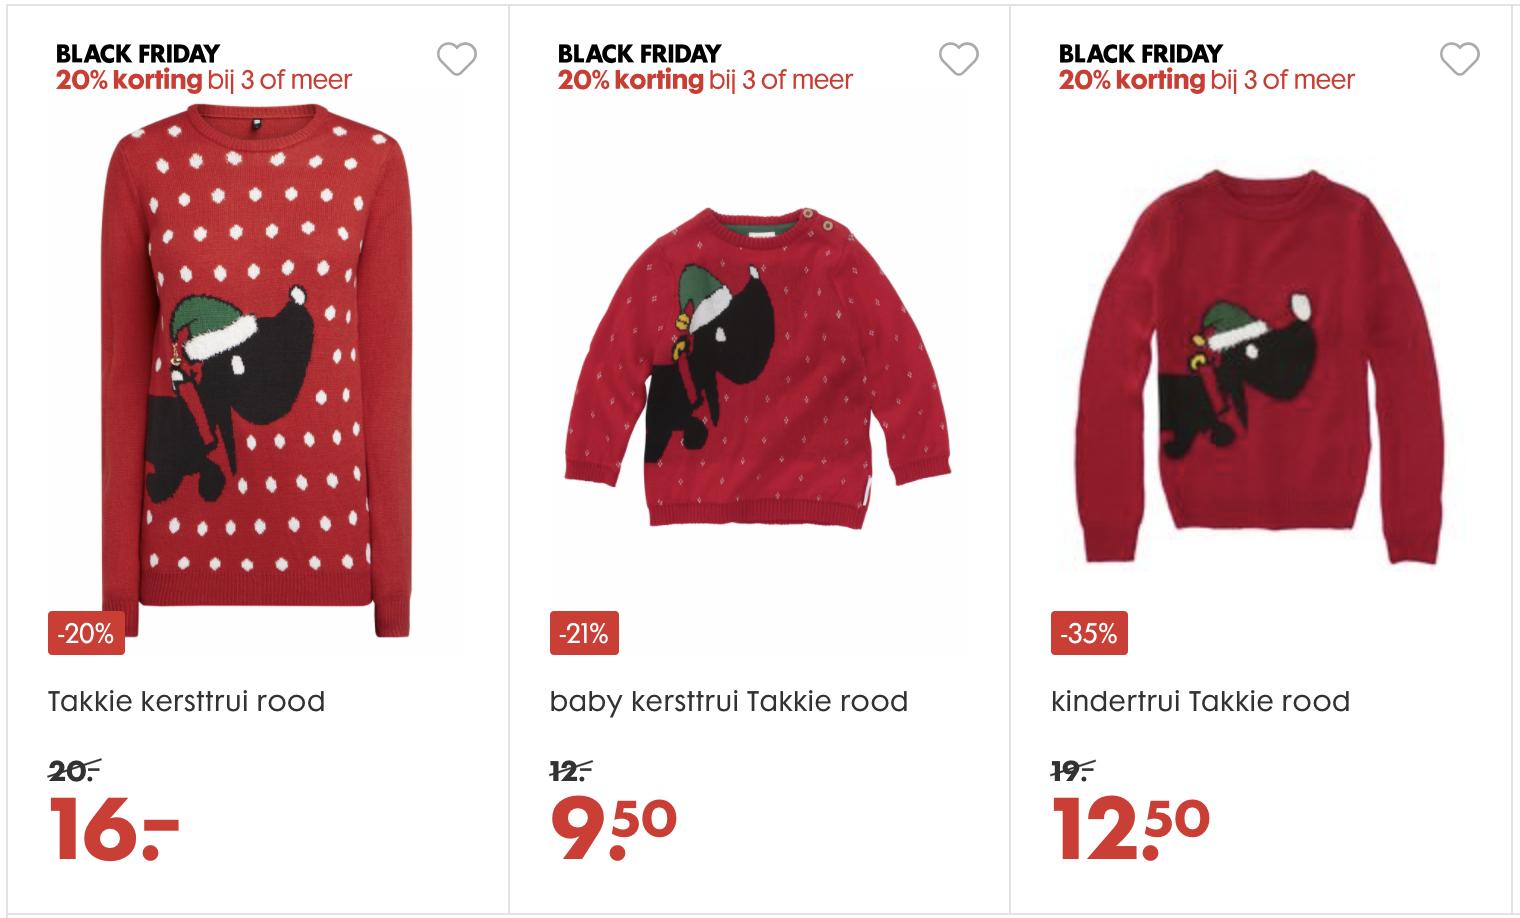 Kersttrui Hema.Hema Verkoopt Kersttruien Voor Je Hele Familie En Zelfs De Hond